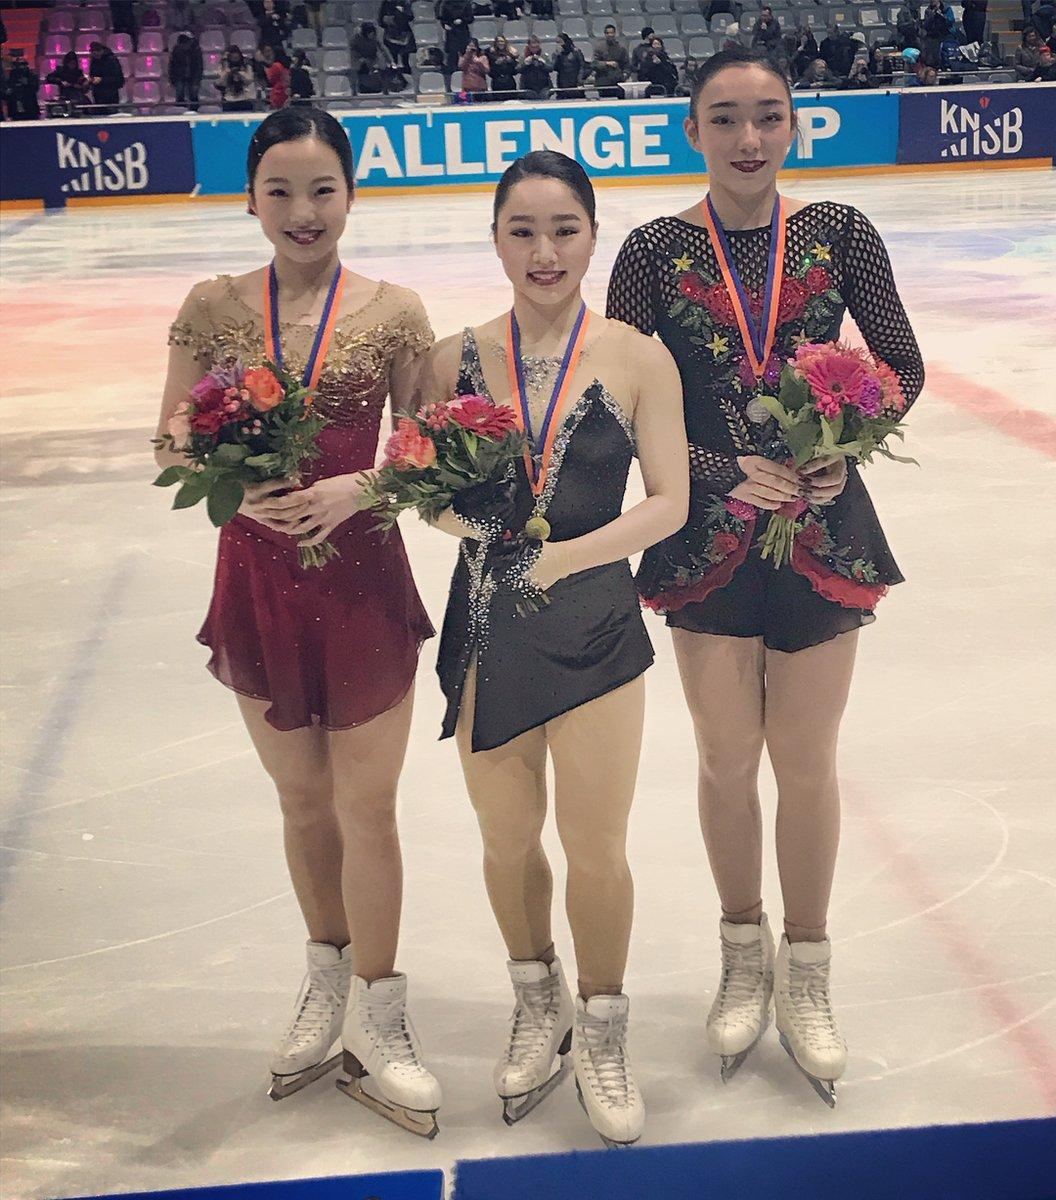 フィギュアスケート チャレンジカップは日本人表彰台独占!優勝は樋口新葉